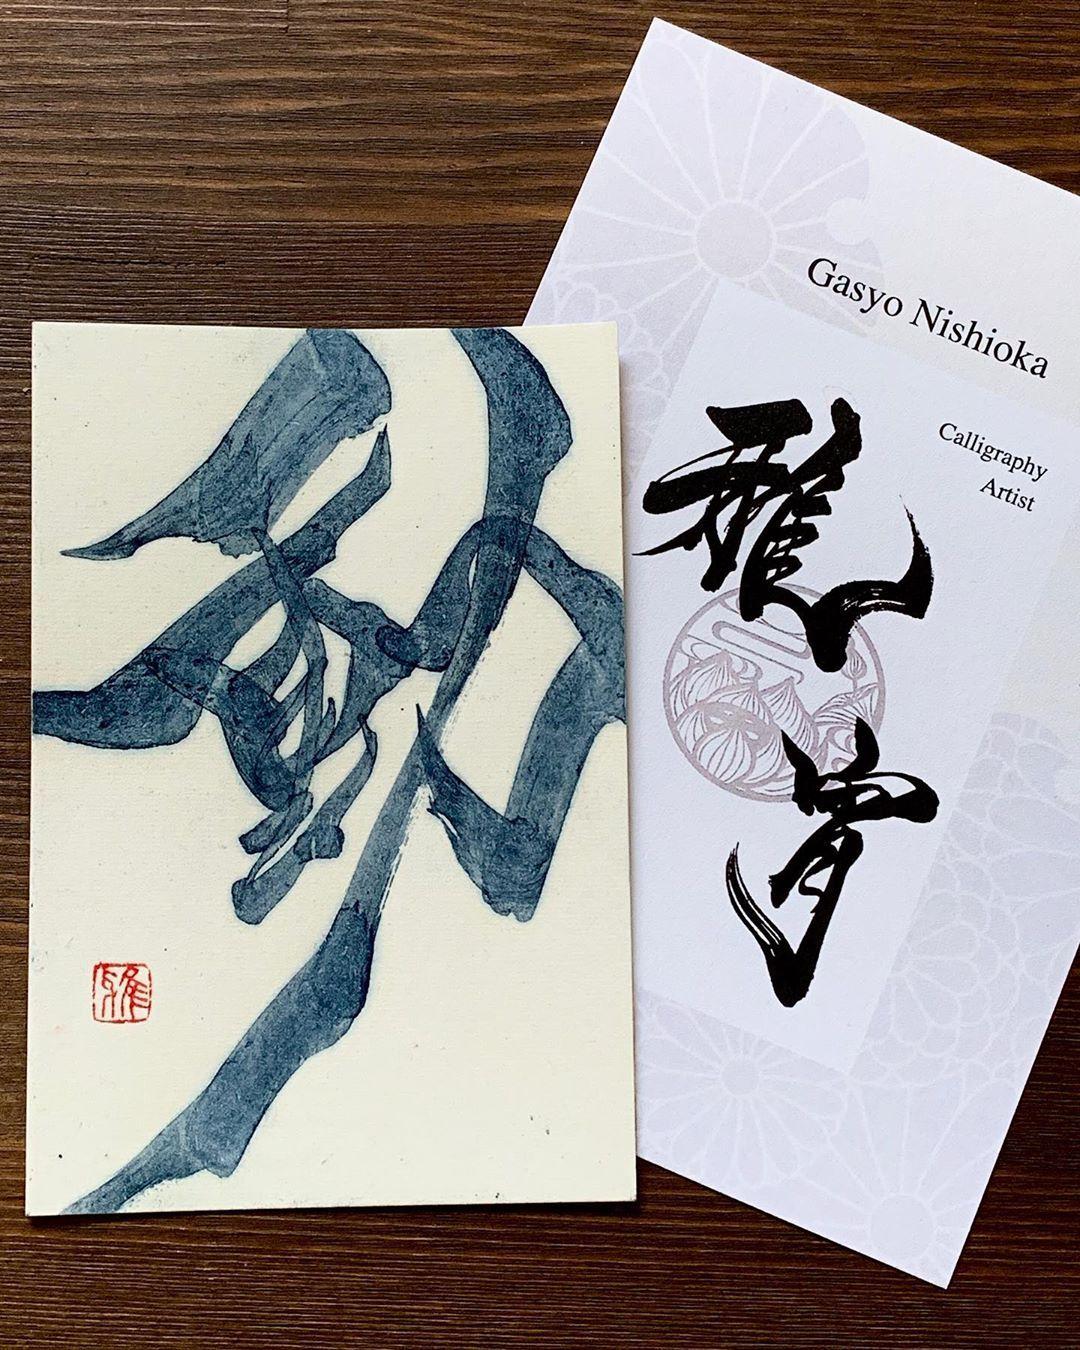 僕の作った藍錠を使った書 まさにこれからの僕のやるべき事を西岡雅宵さんが文字にしてくれてました 同じ思いがあ 8 calligraphy artist artist art